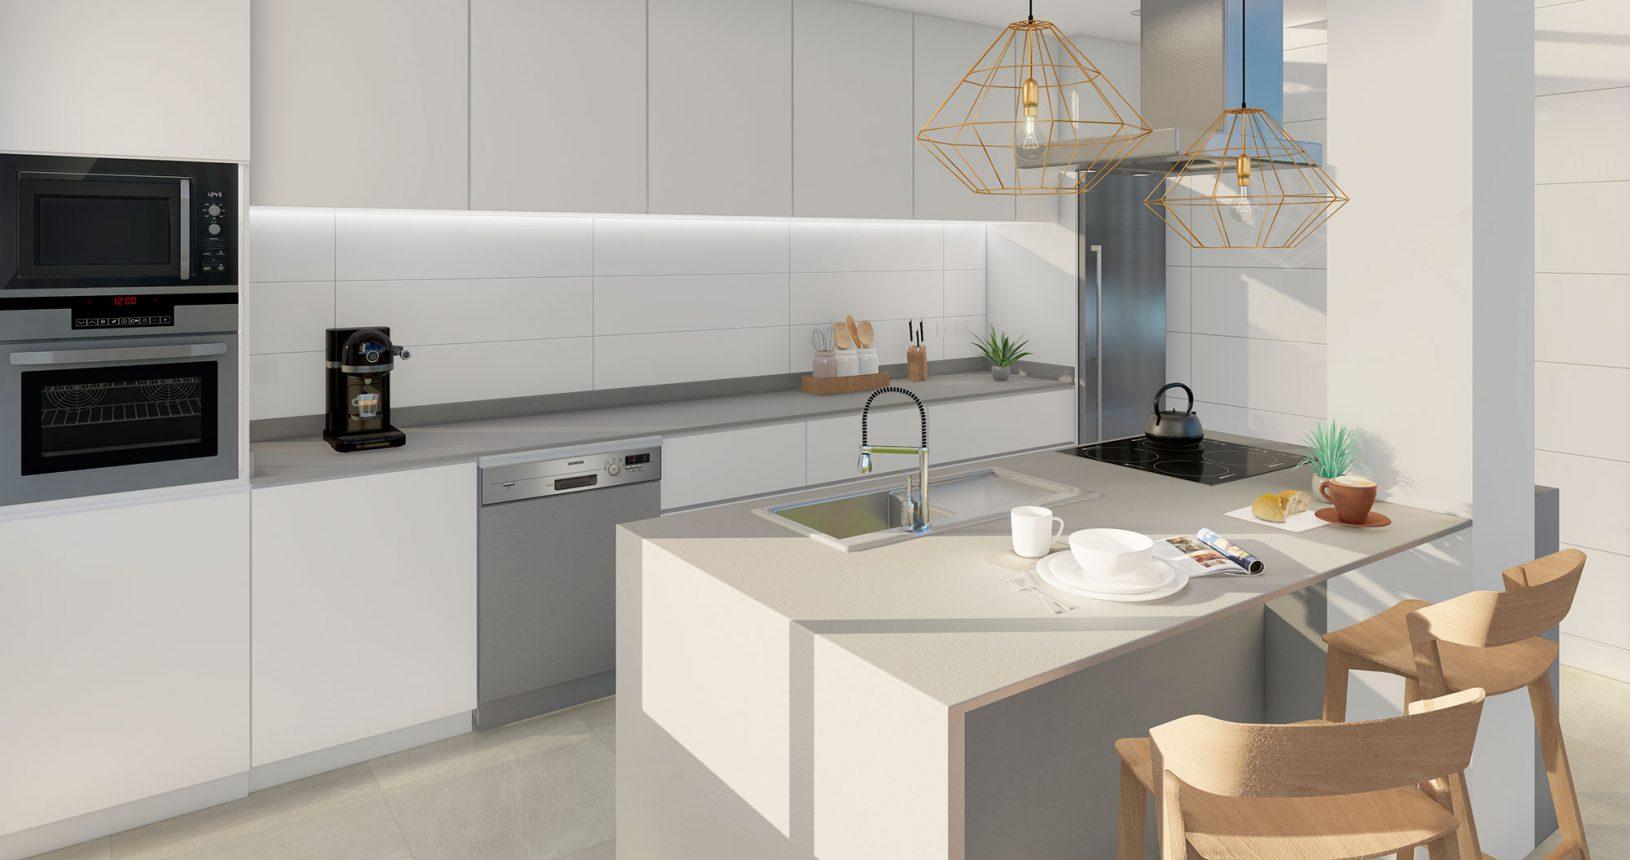 Modelo de cocina de la promoción Bilbao de viviendas de obra nueva